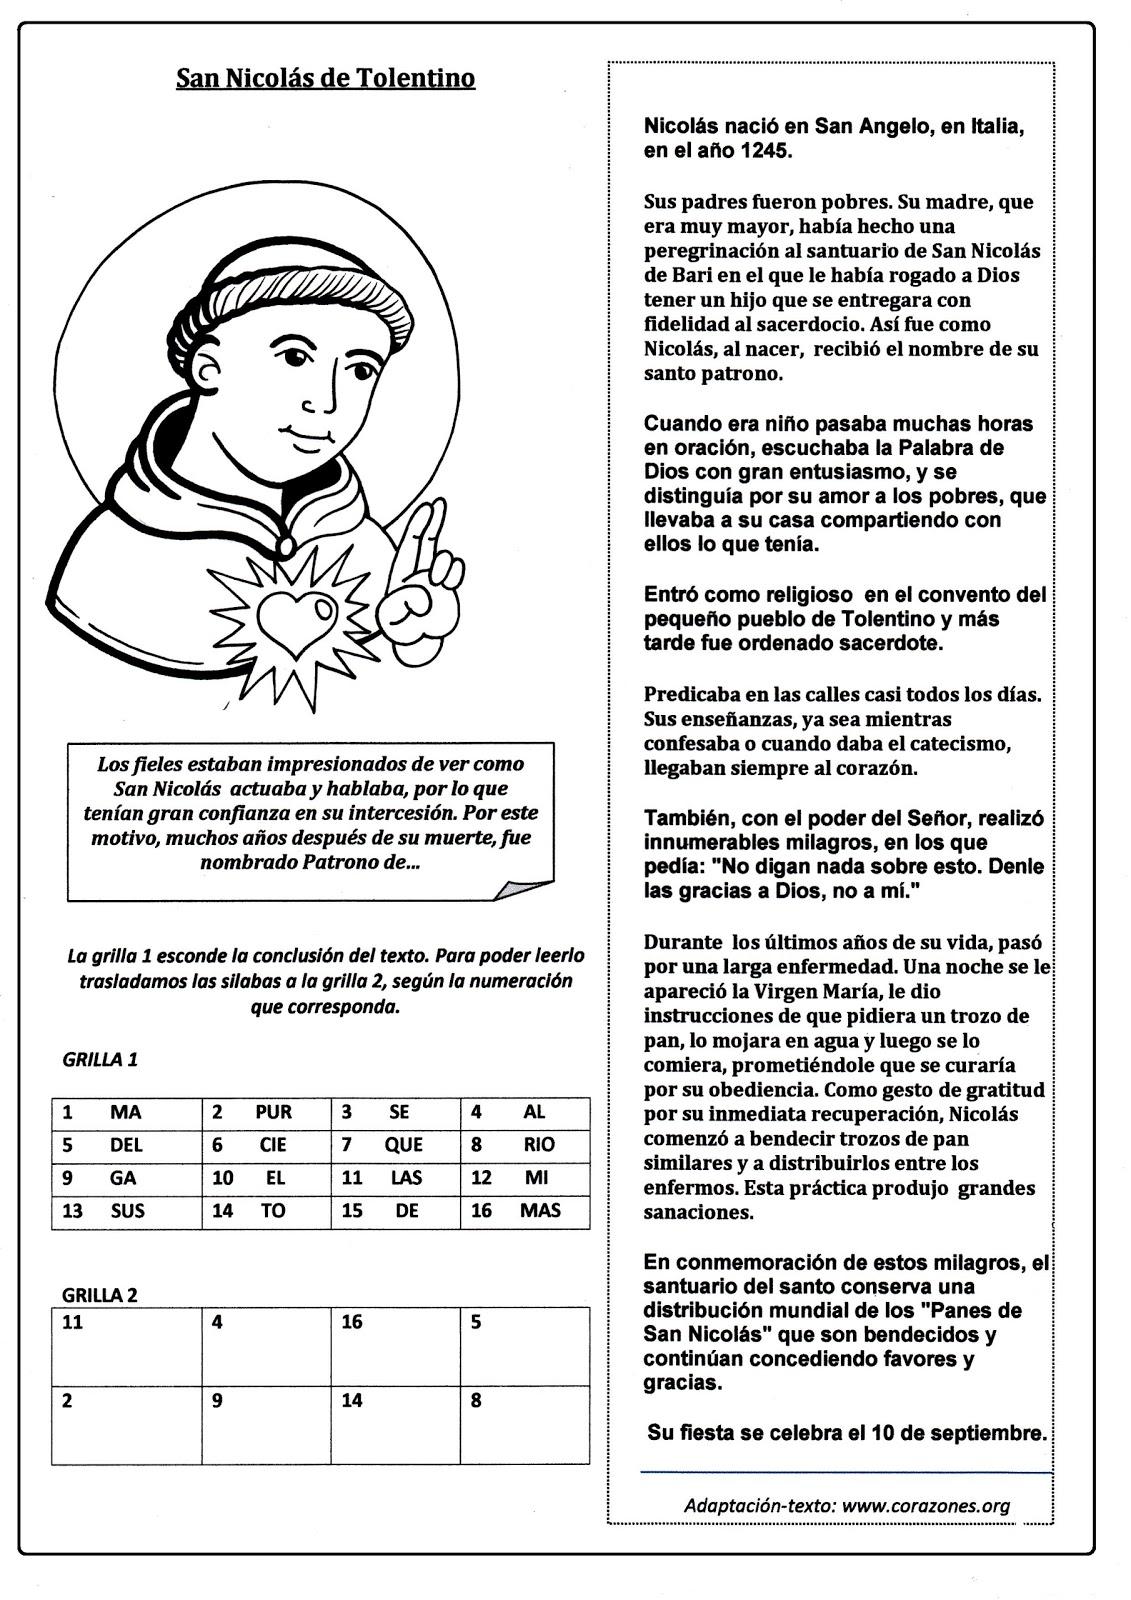 El Rincón de las Melli: San Nicolás de Tolentino (historia con juego)